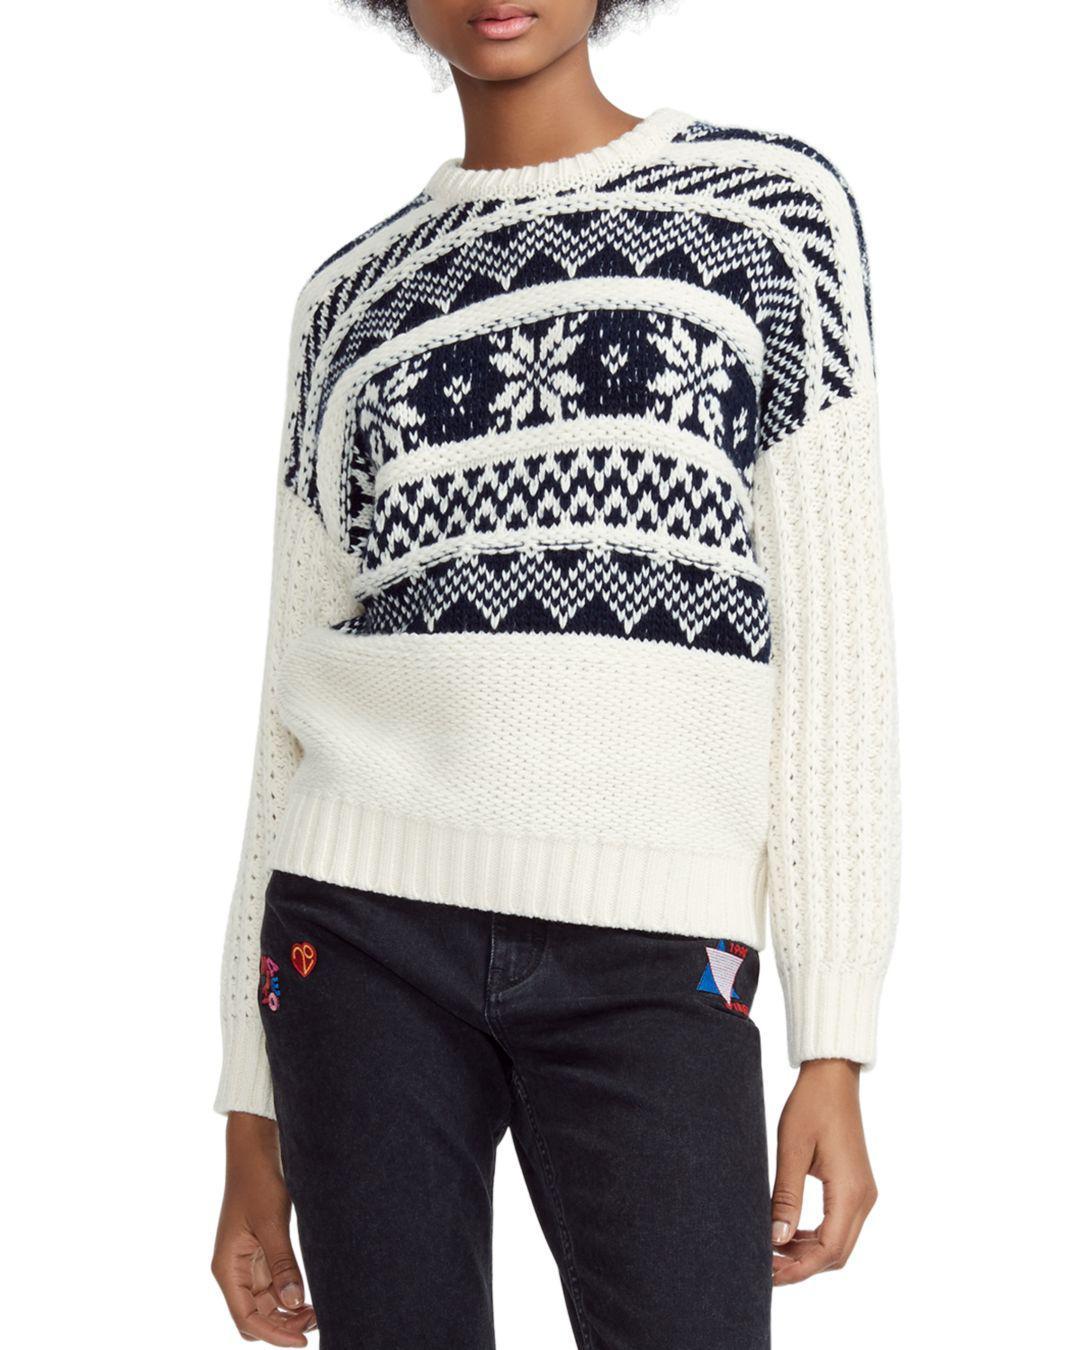 aa21d94d4 Lyst - Maje Mockoon Geo-pattern Sweater in White